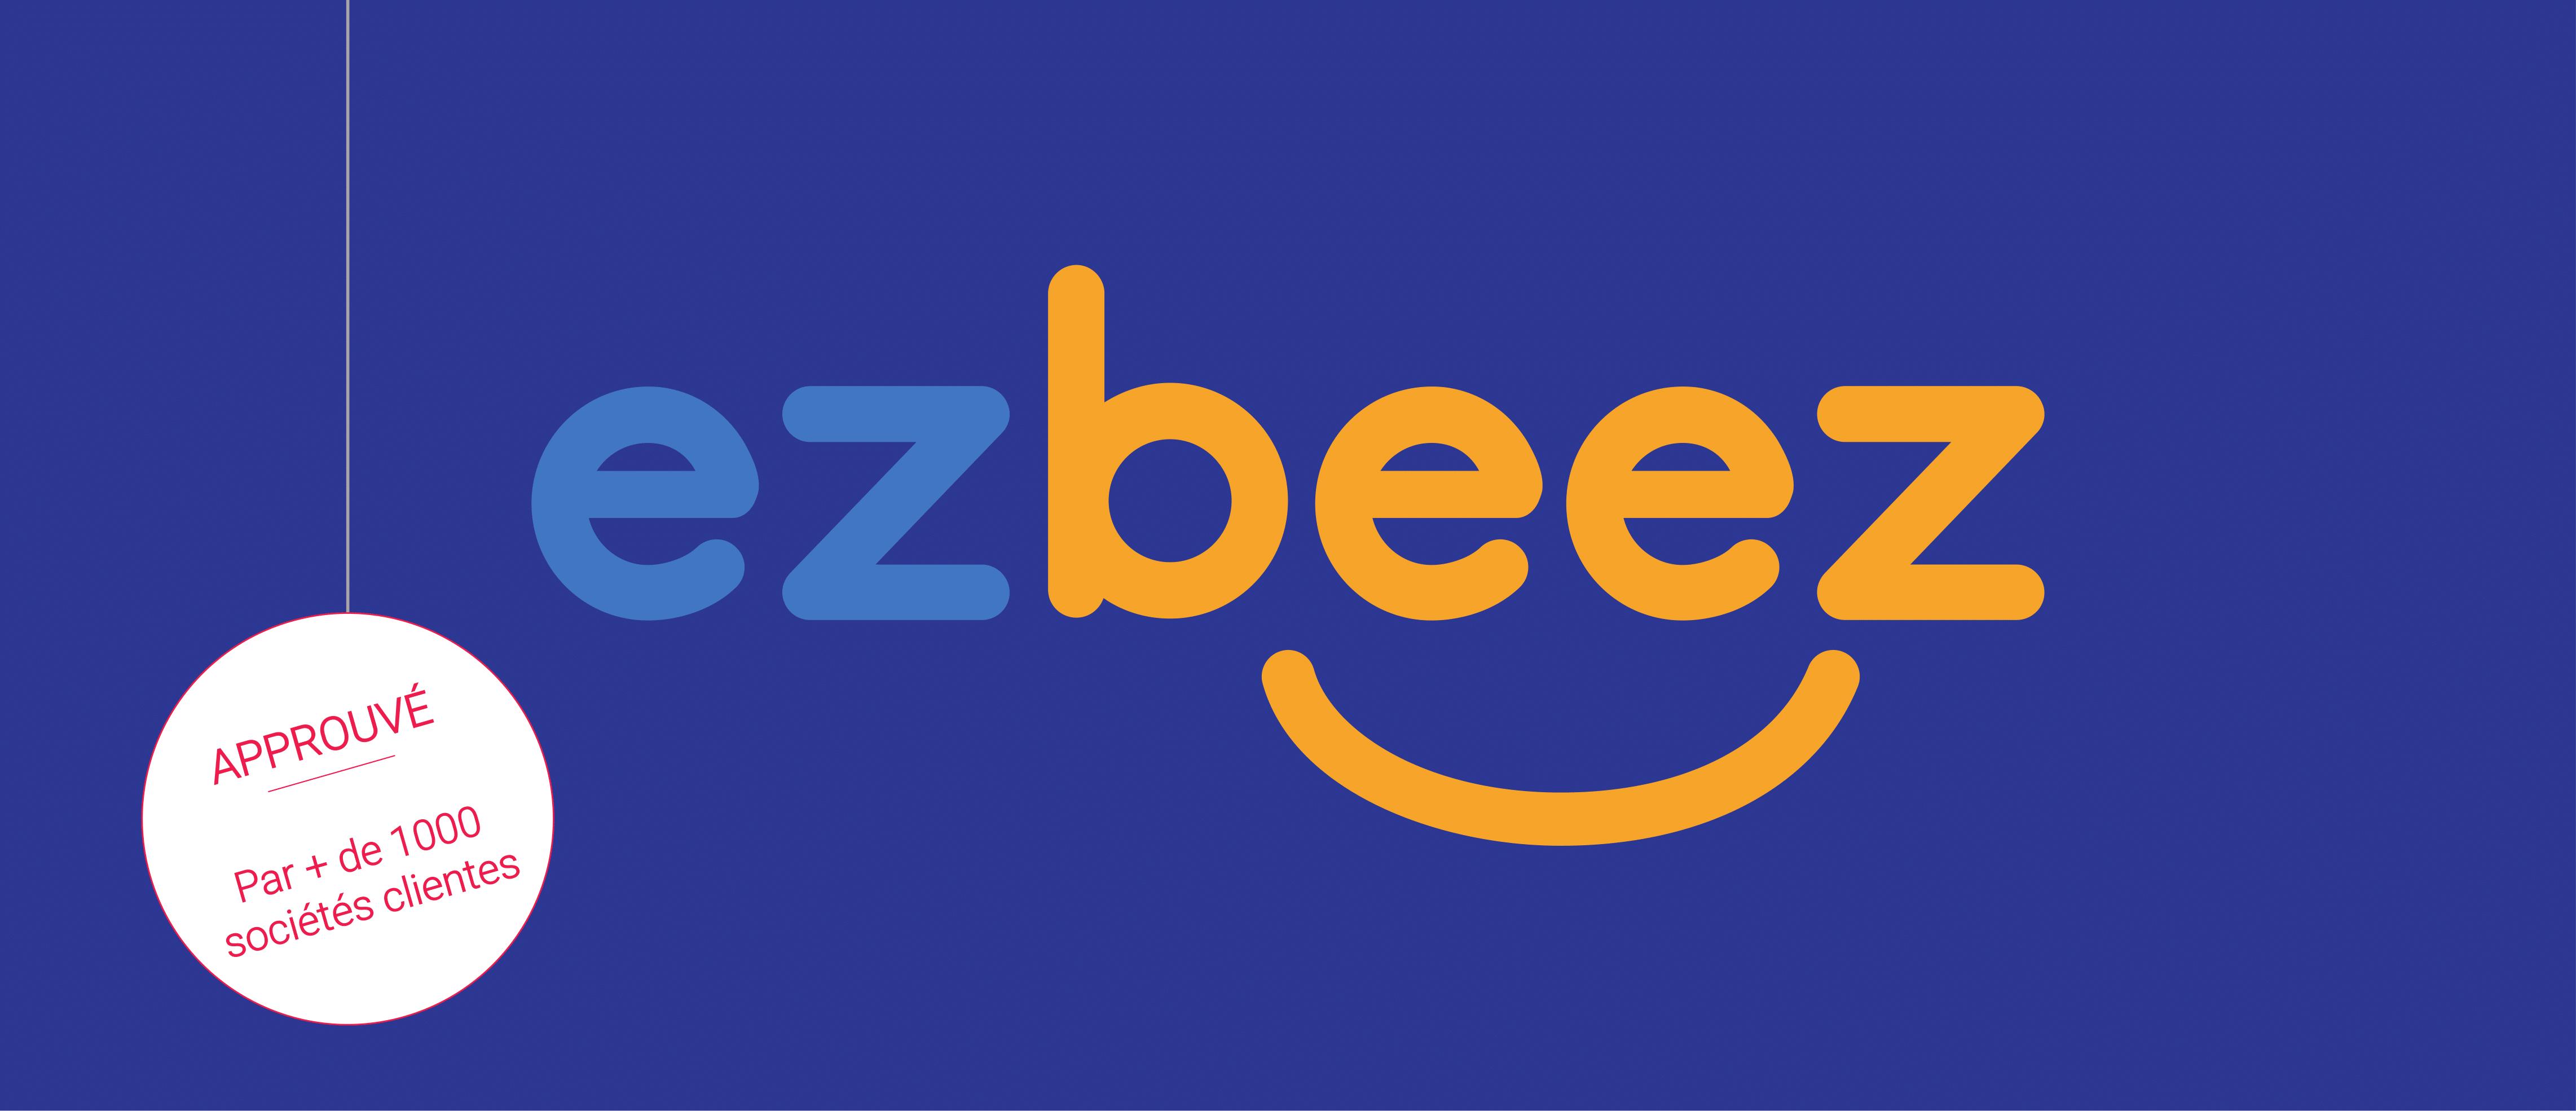 Ezbeez approuvé par plus de 1000 TPE